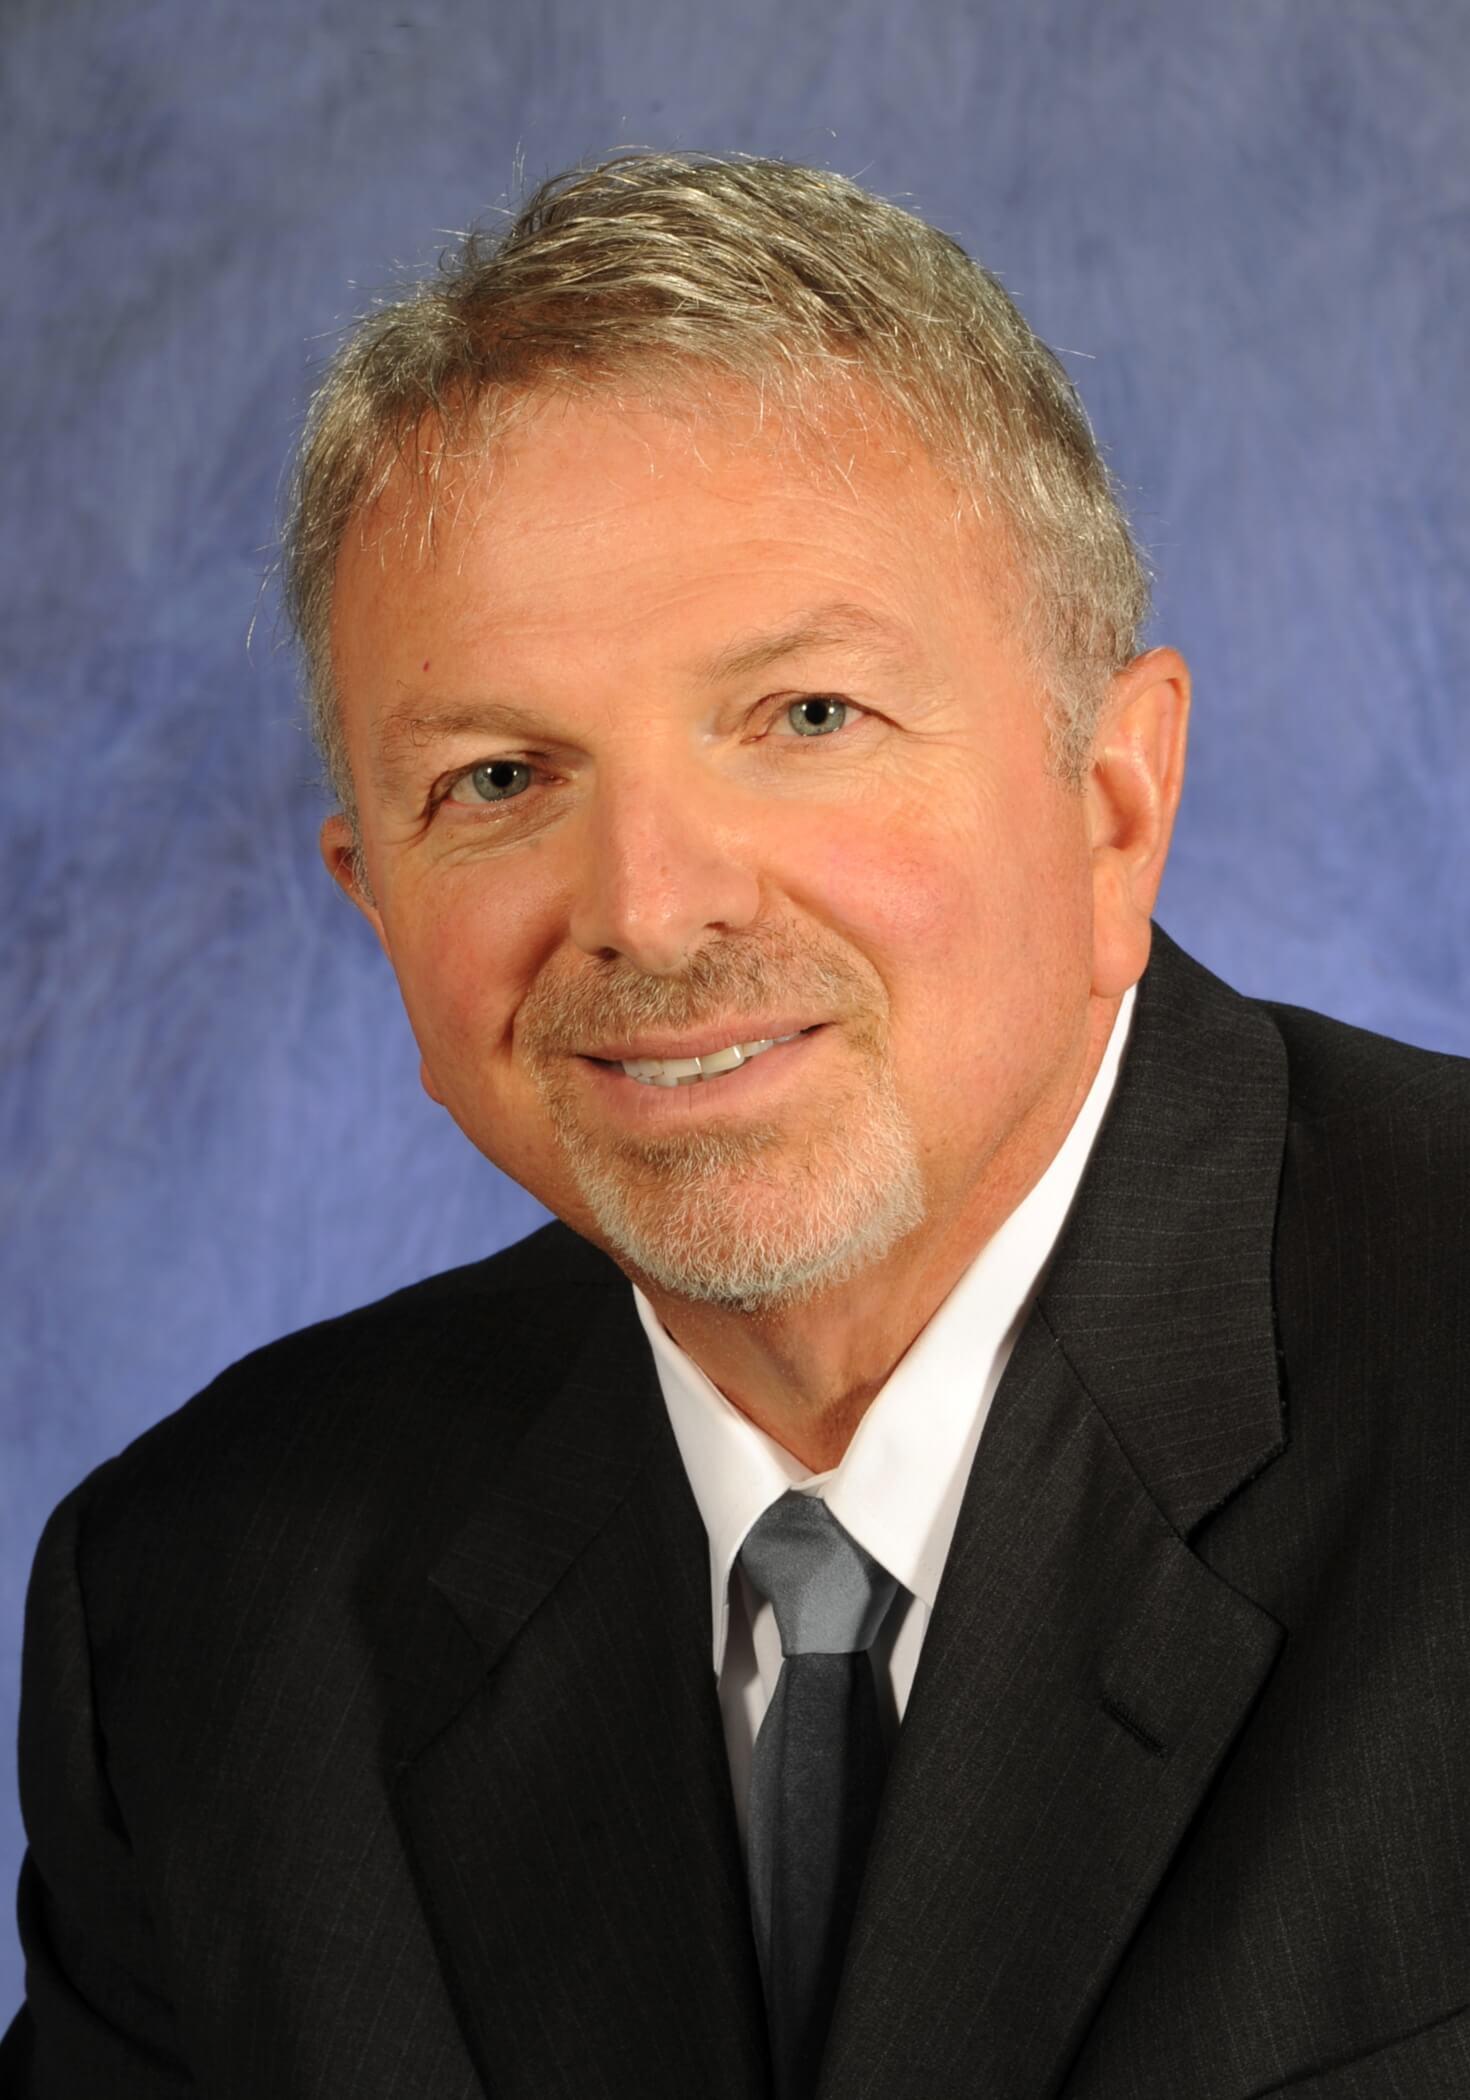 Paul Fessler